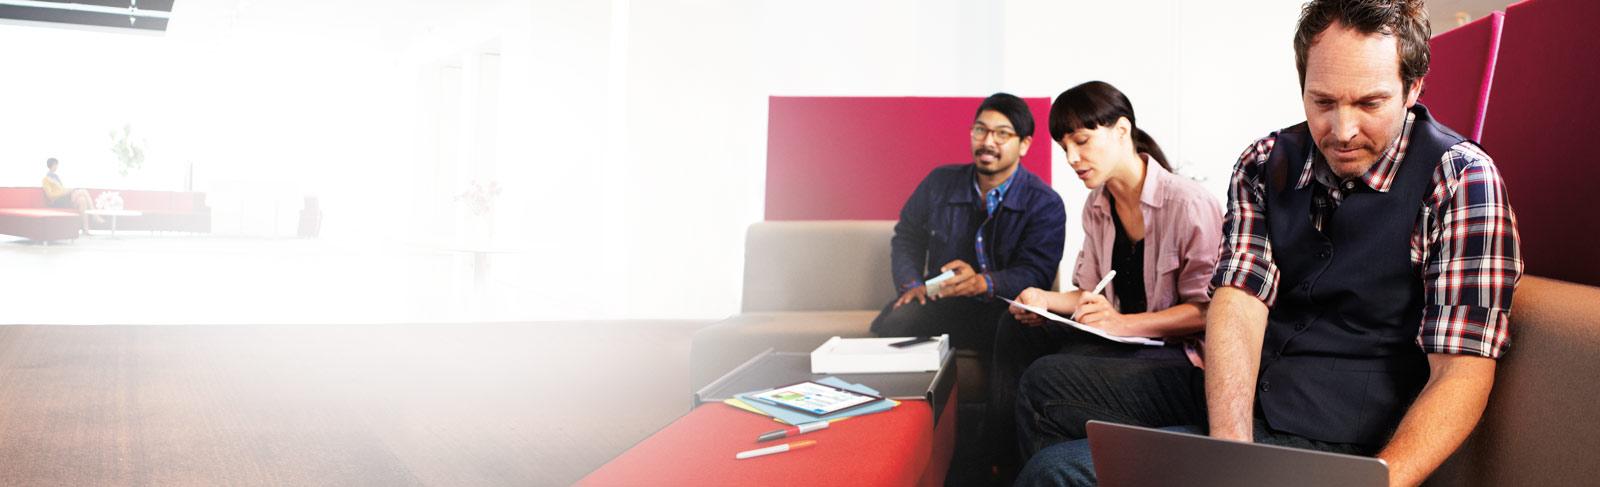 Traja ľudia pracujú na prenosných počítačoch so SharePointom Online.